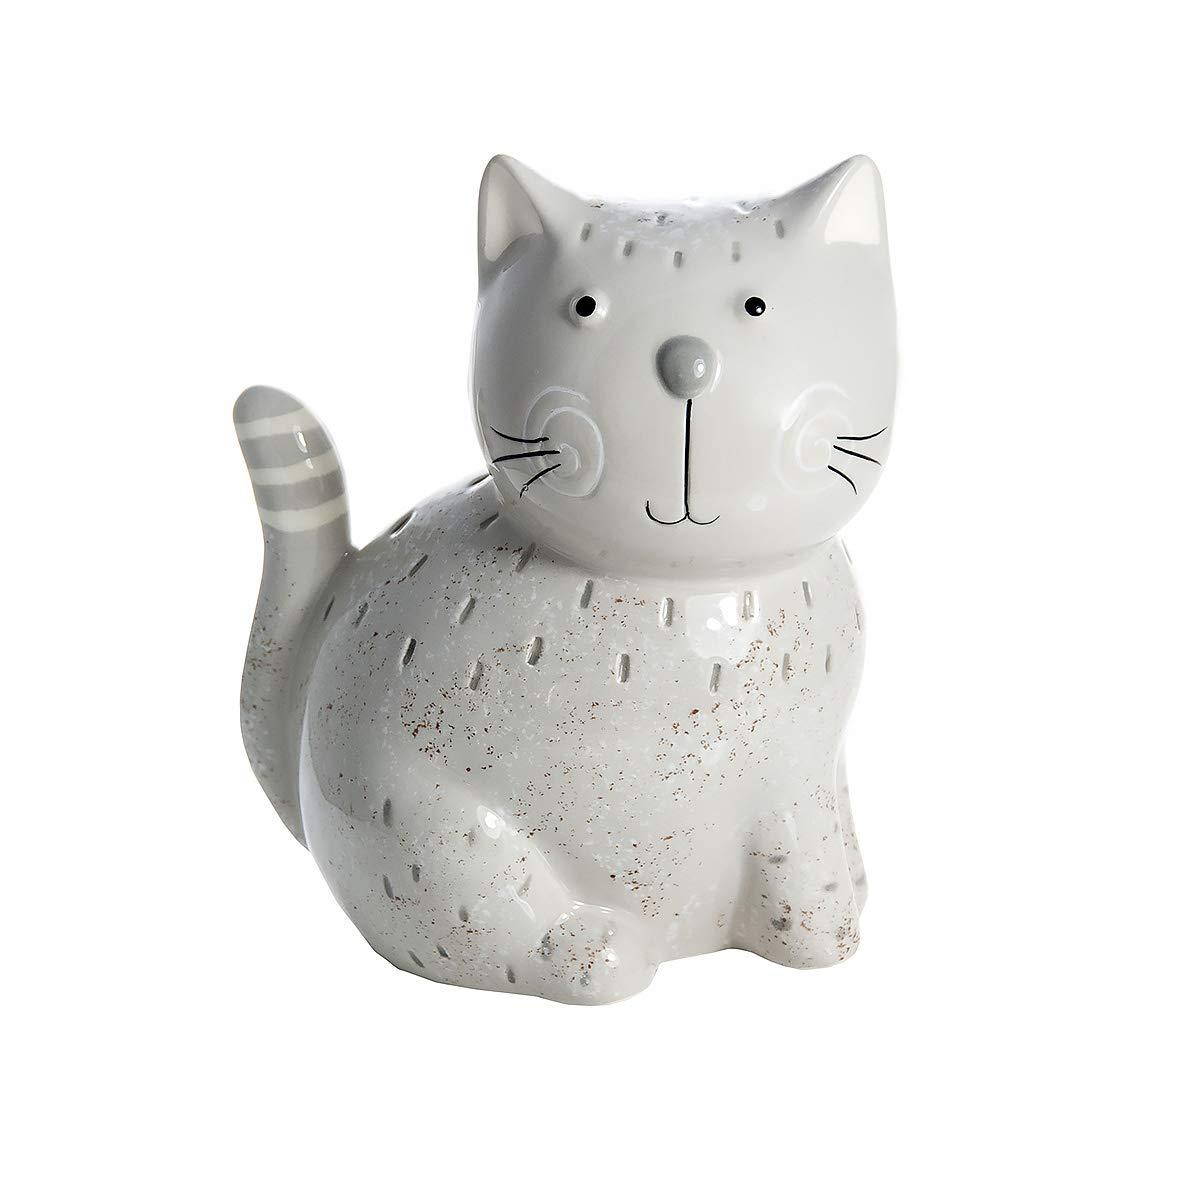 SPOTTED DOG GIFT COMPANY Adornos para Gato, Figura Decorativa Estatua de cerámica Color Gris Altura 16 cm, Amante de Gatos Regalo para para niña y niño, niños y Adultos: Amazon.es: Hogar